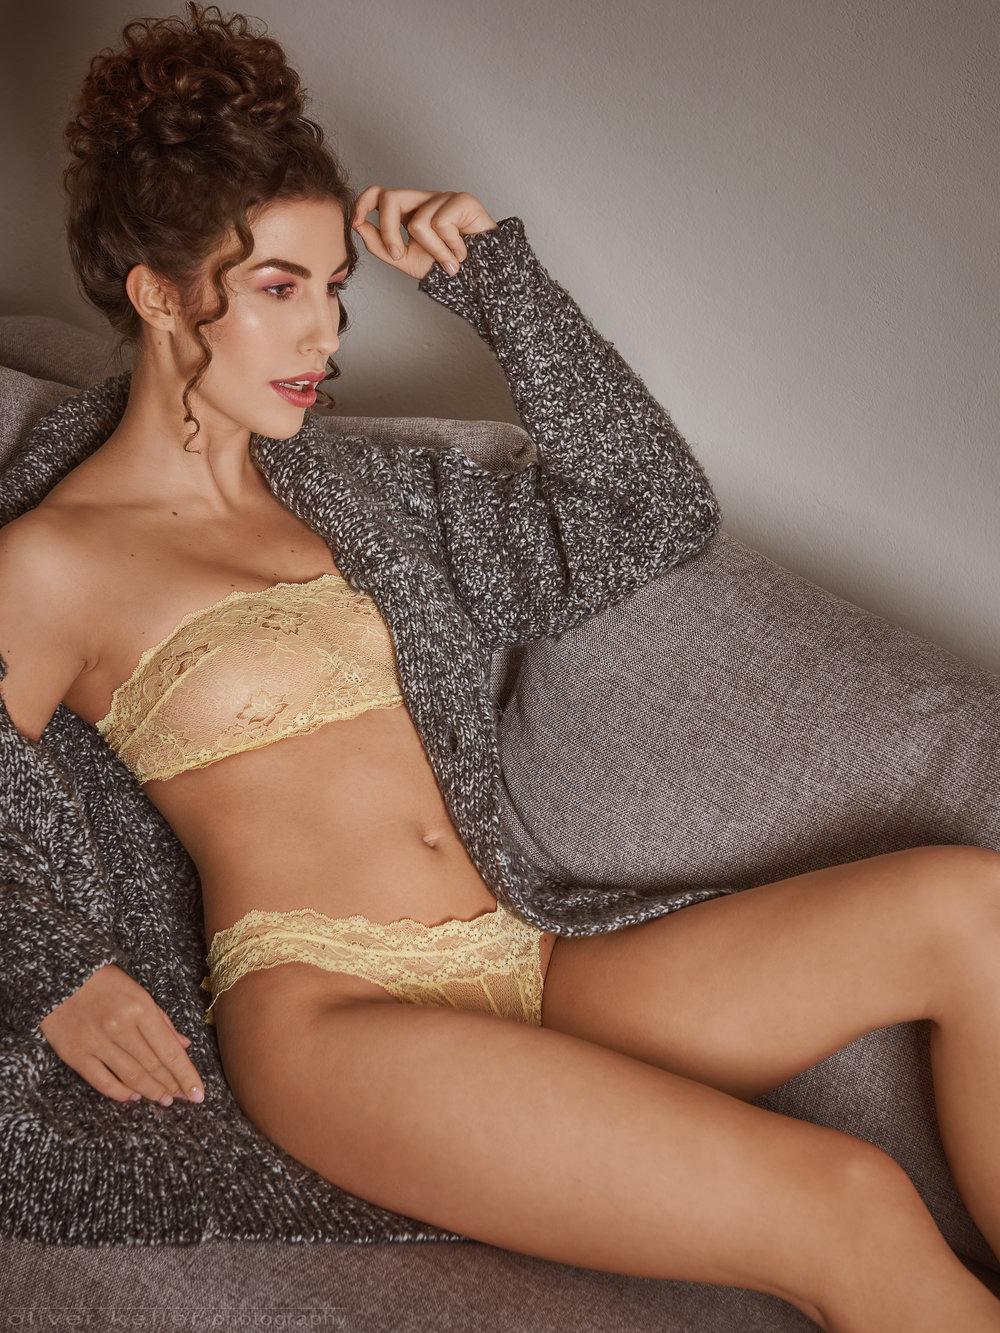 2017-11-2017-lingerie-Isabel-Felicia11152.jpg